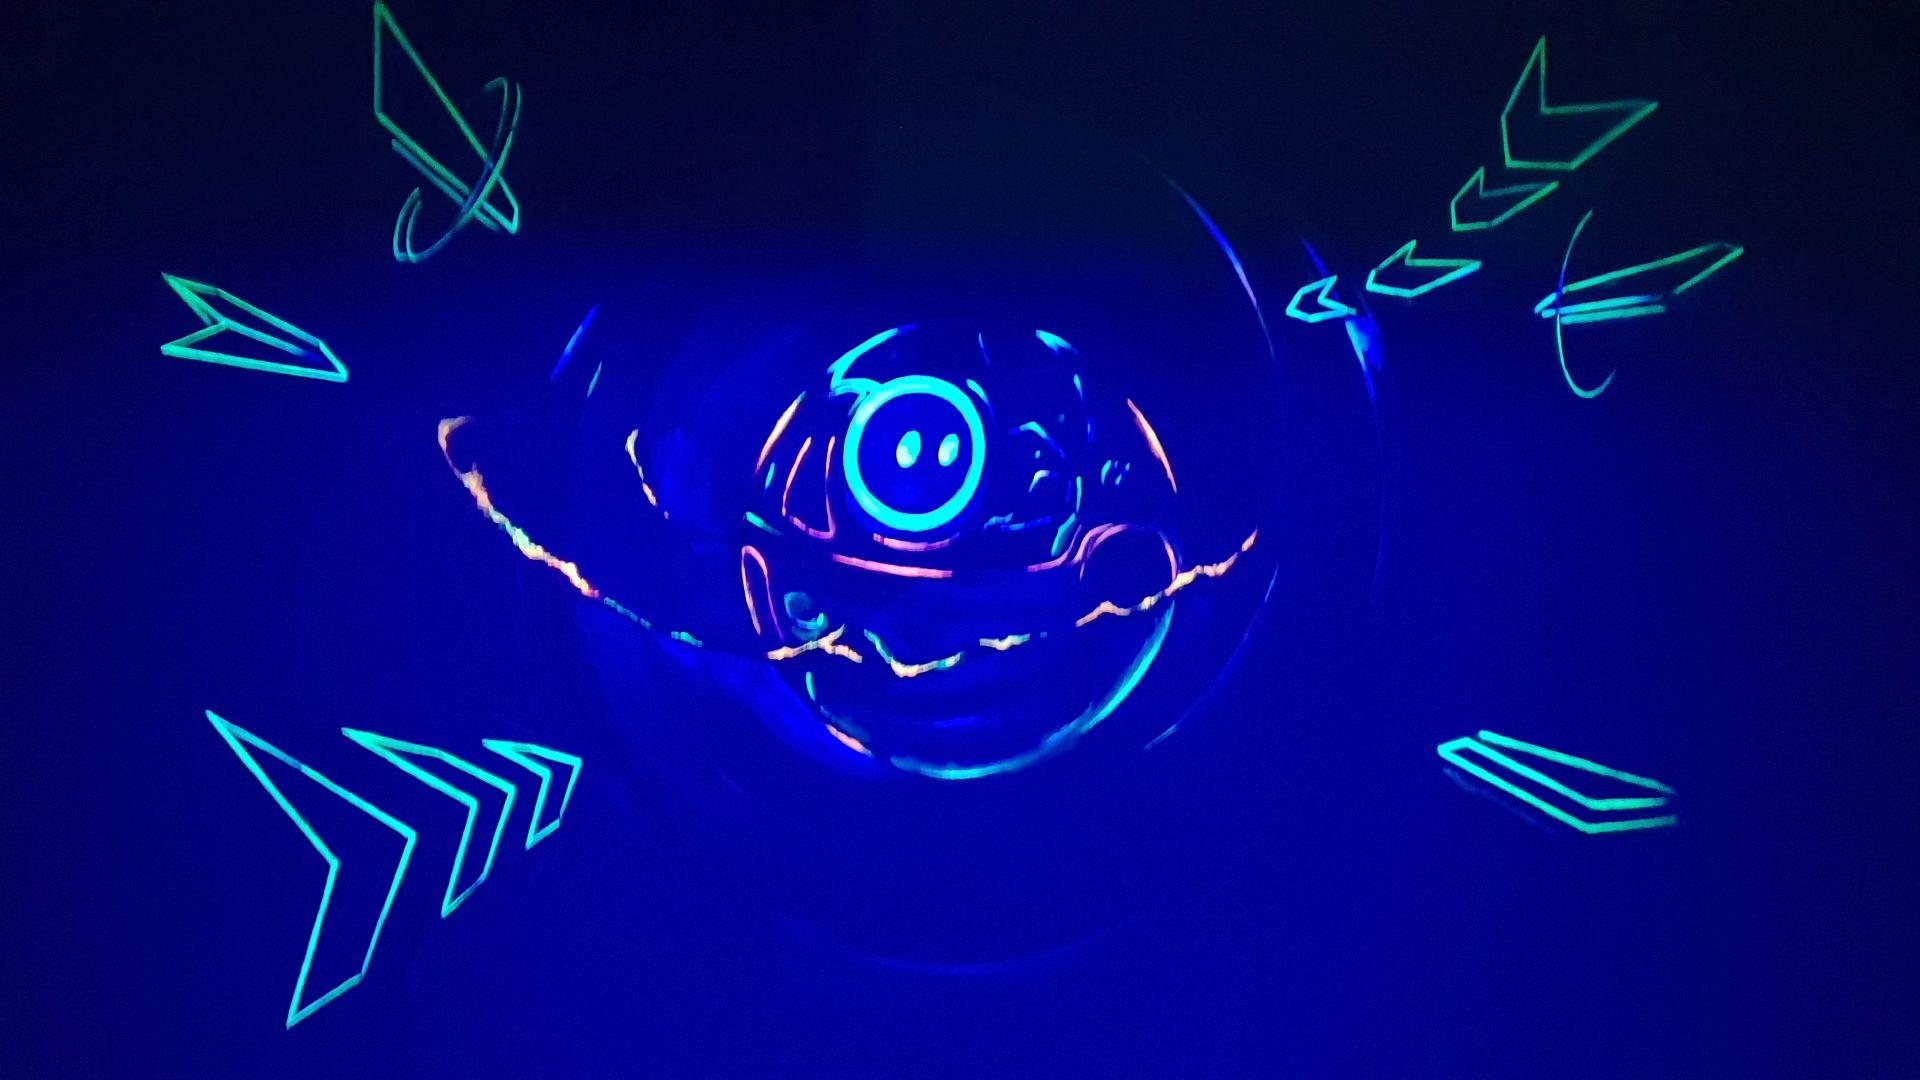 Orbot-art-neon-sphero